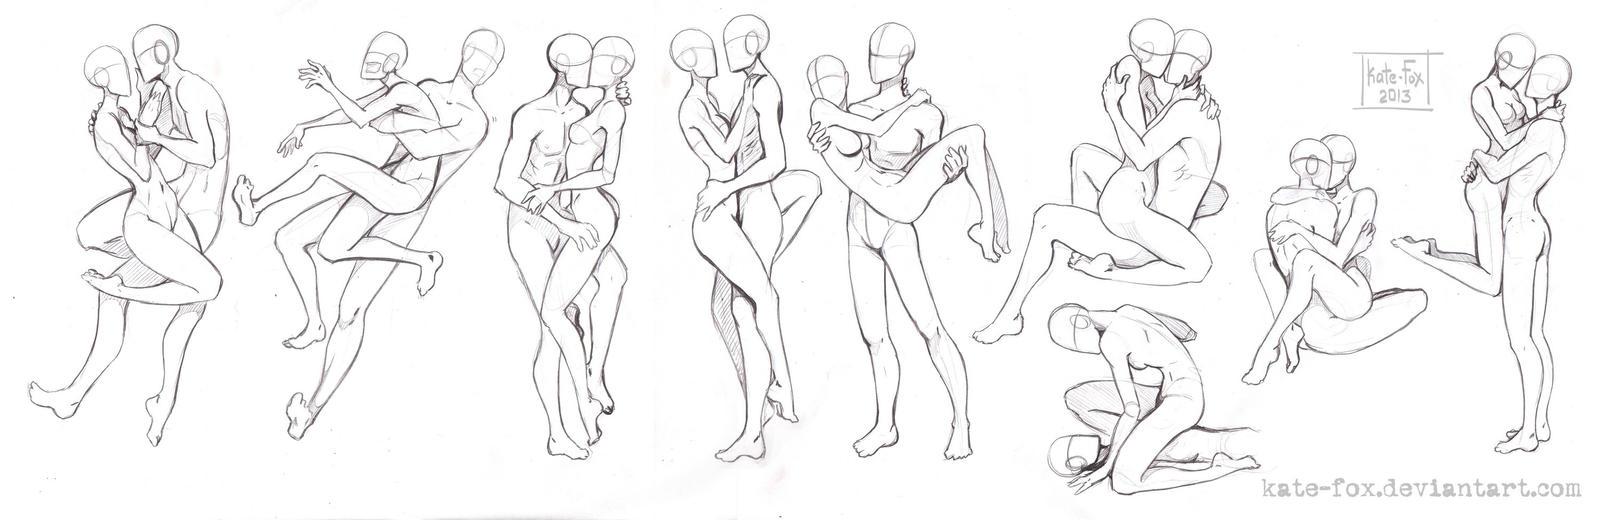 Анатомия аниме девушек для рисования